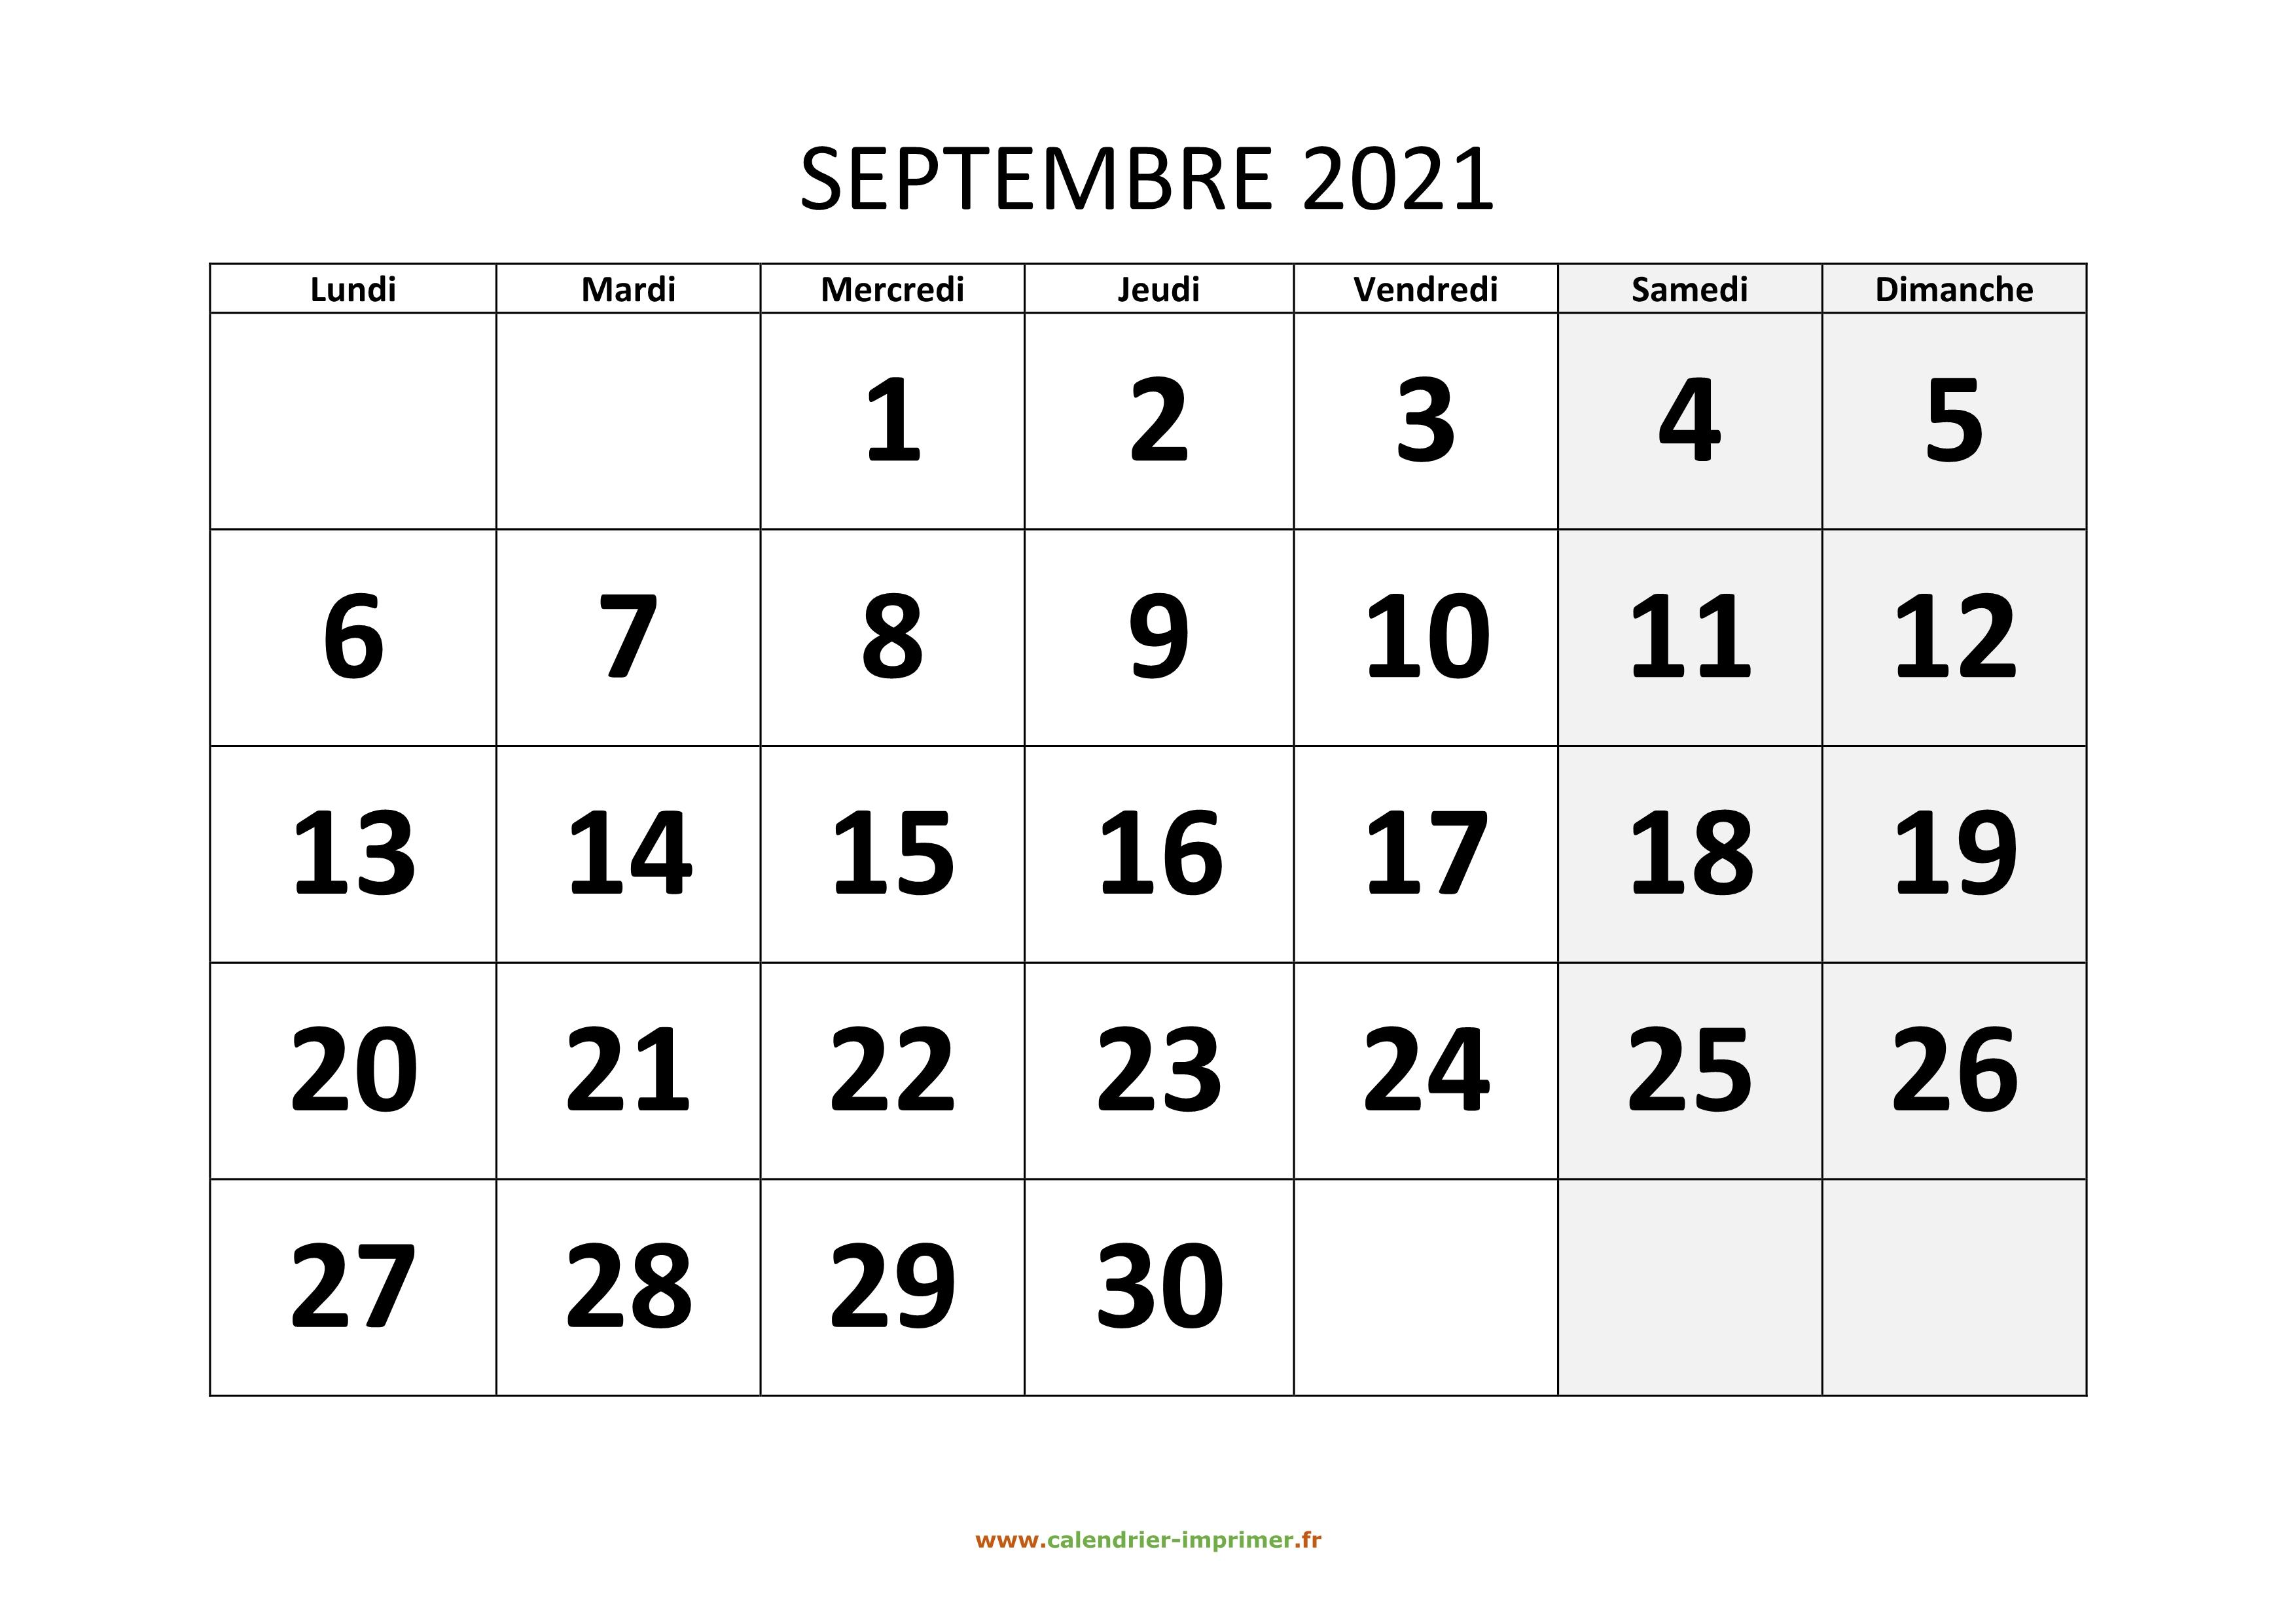 Calendrier Septembre 2021 à Imprimer Gratuit Calendrier Septembre 2021 à imprimer